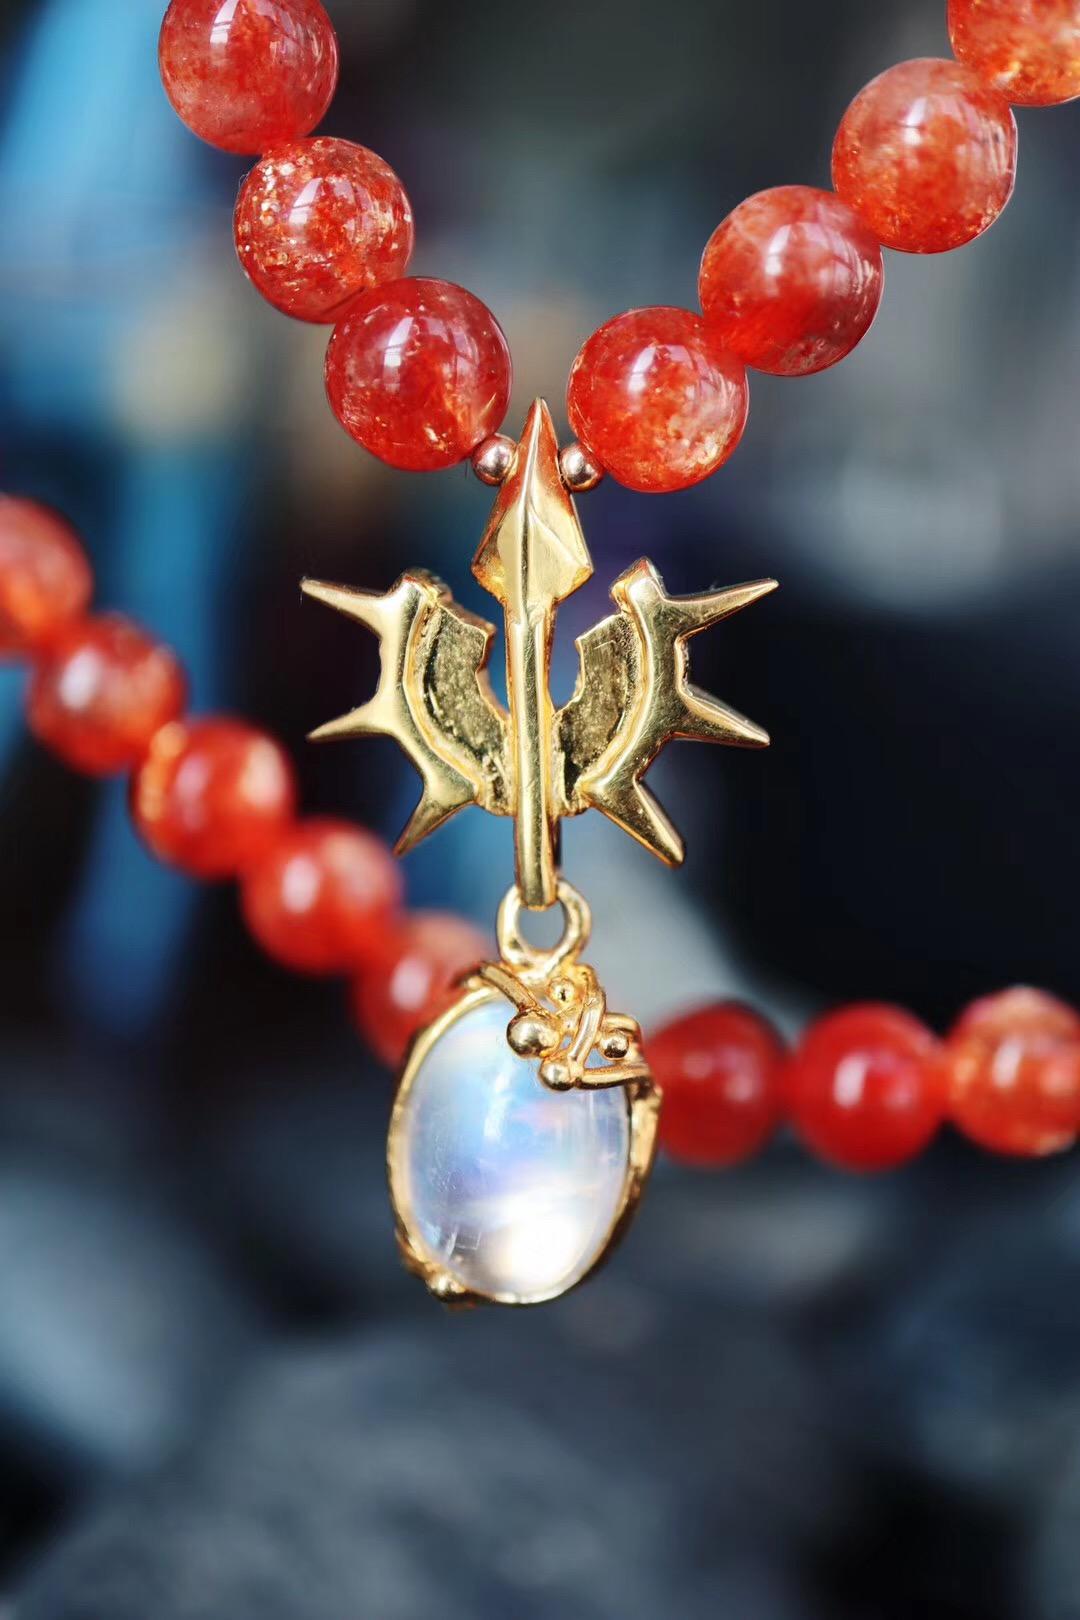 【收藏级月光石&太阳石】若非日月同辉,谁敢说比这场相遇更美-菩心晶舍